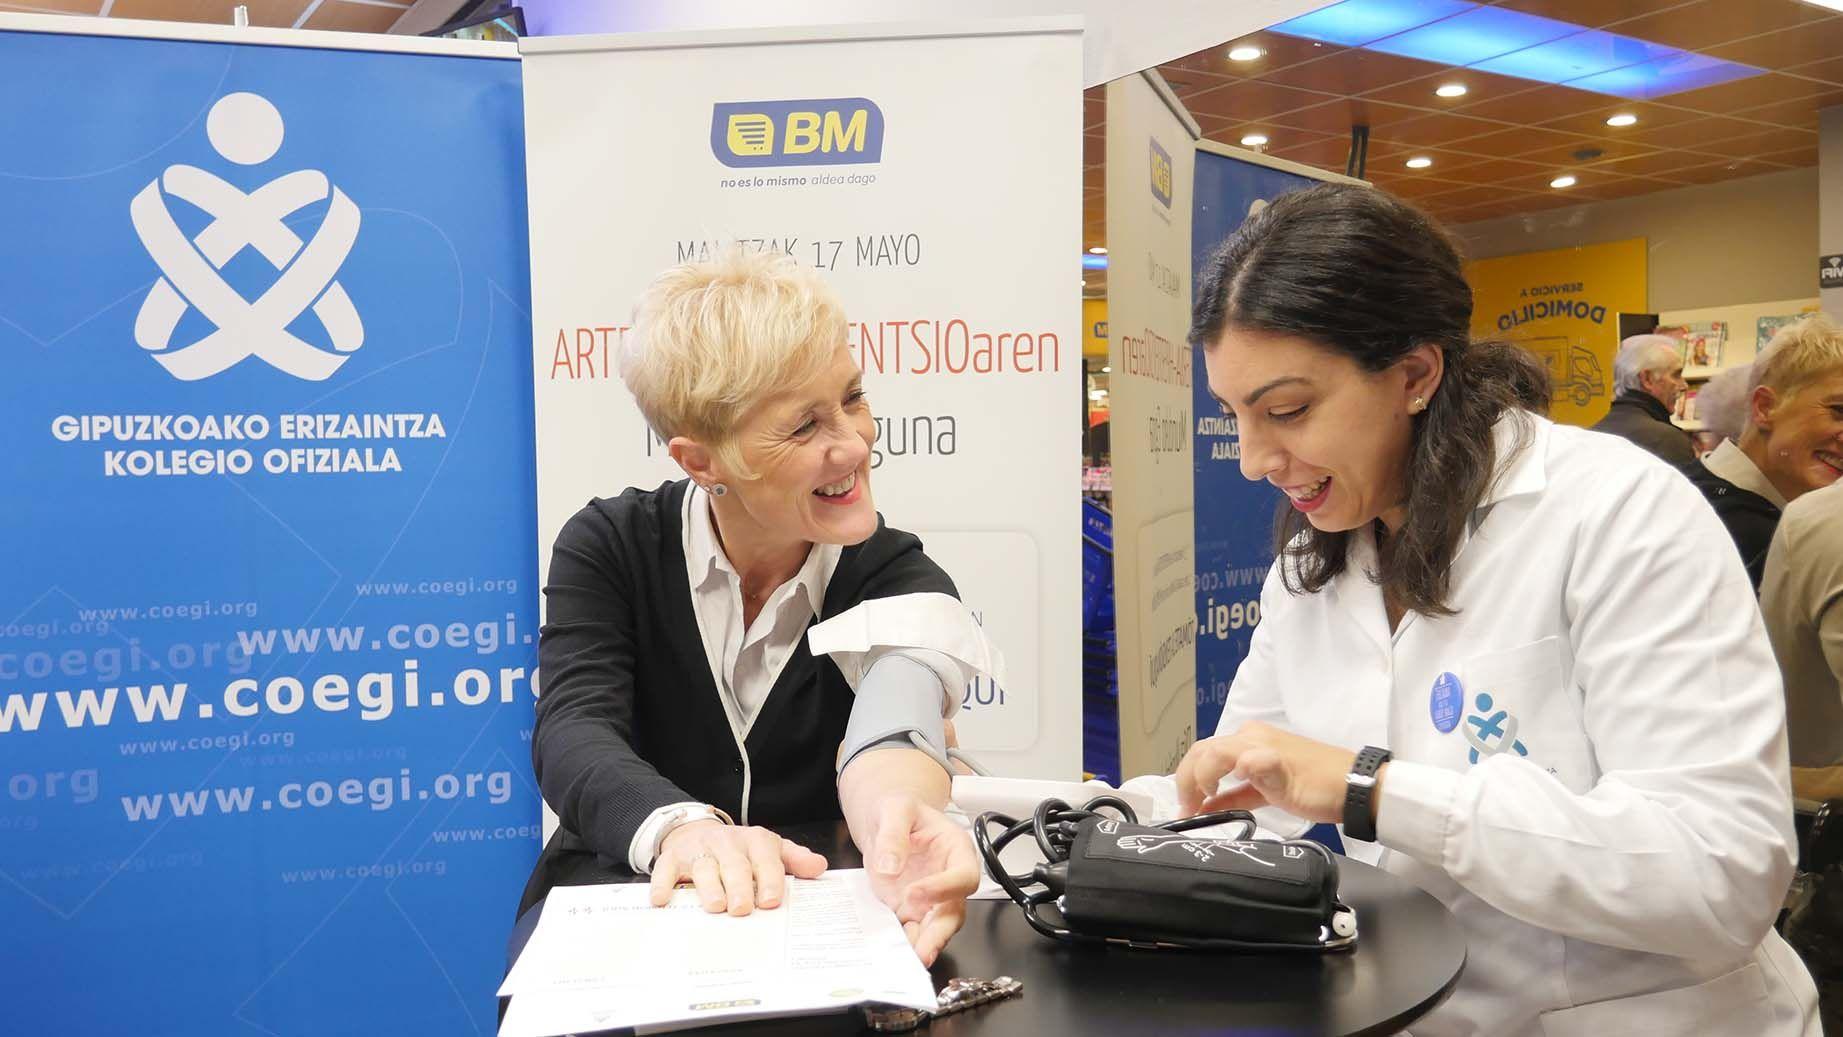 Fotografia La presidenta del COEGI, Pilar Lecuona, junto a la